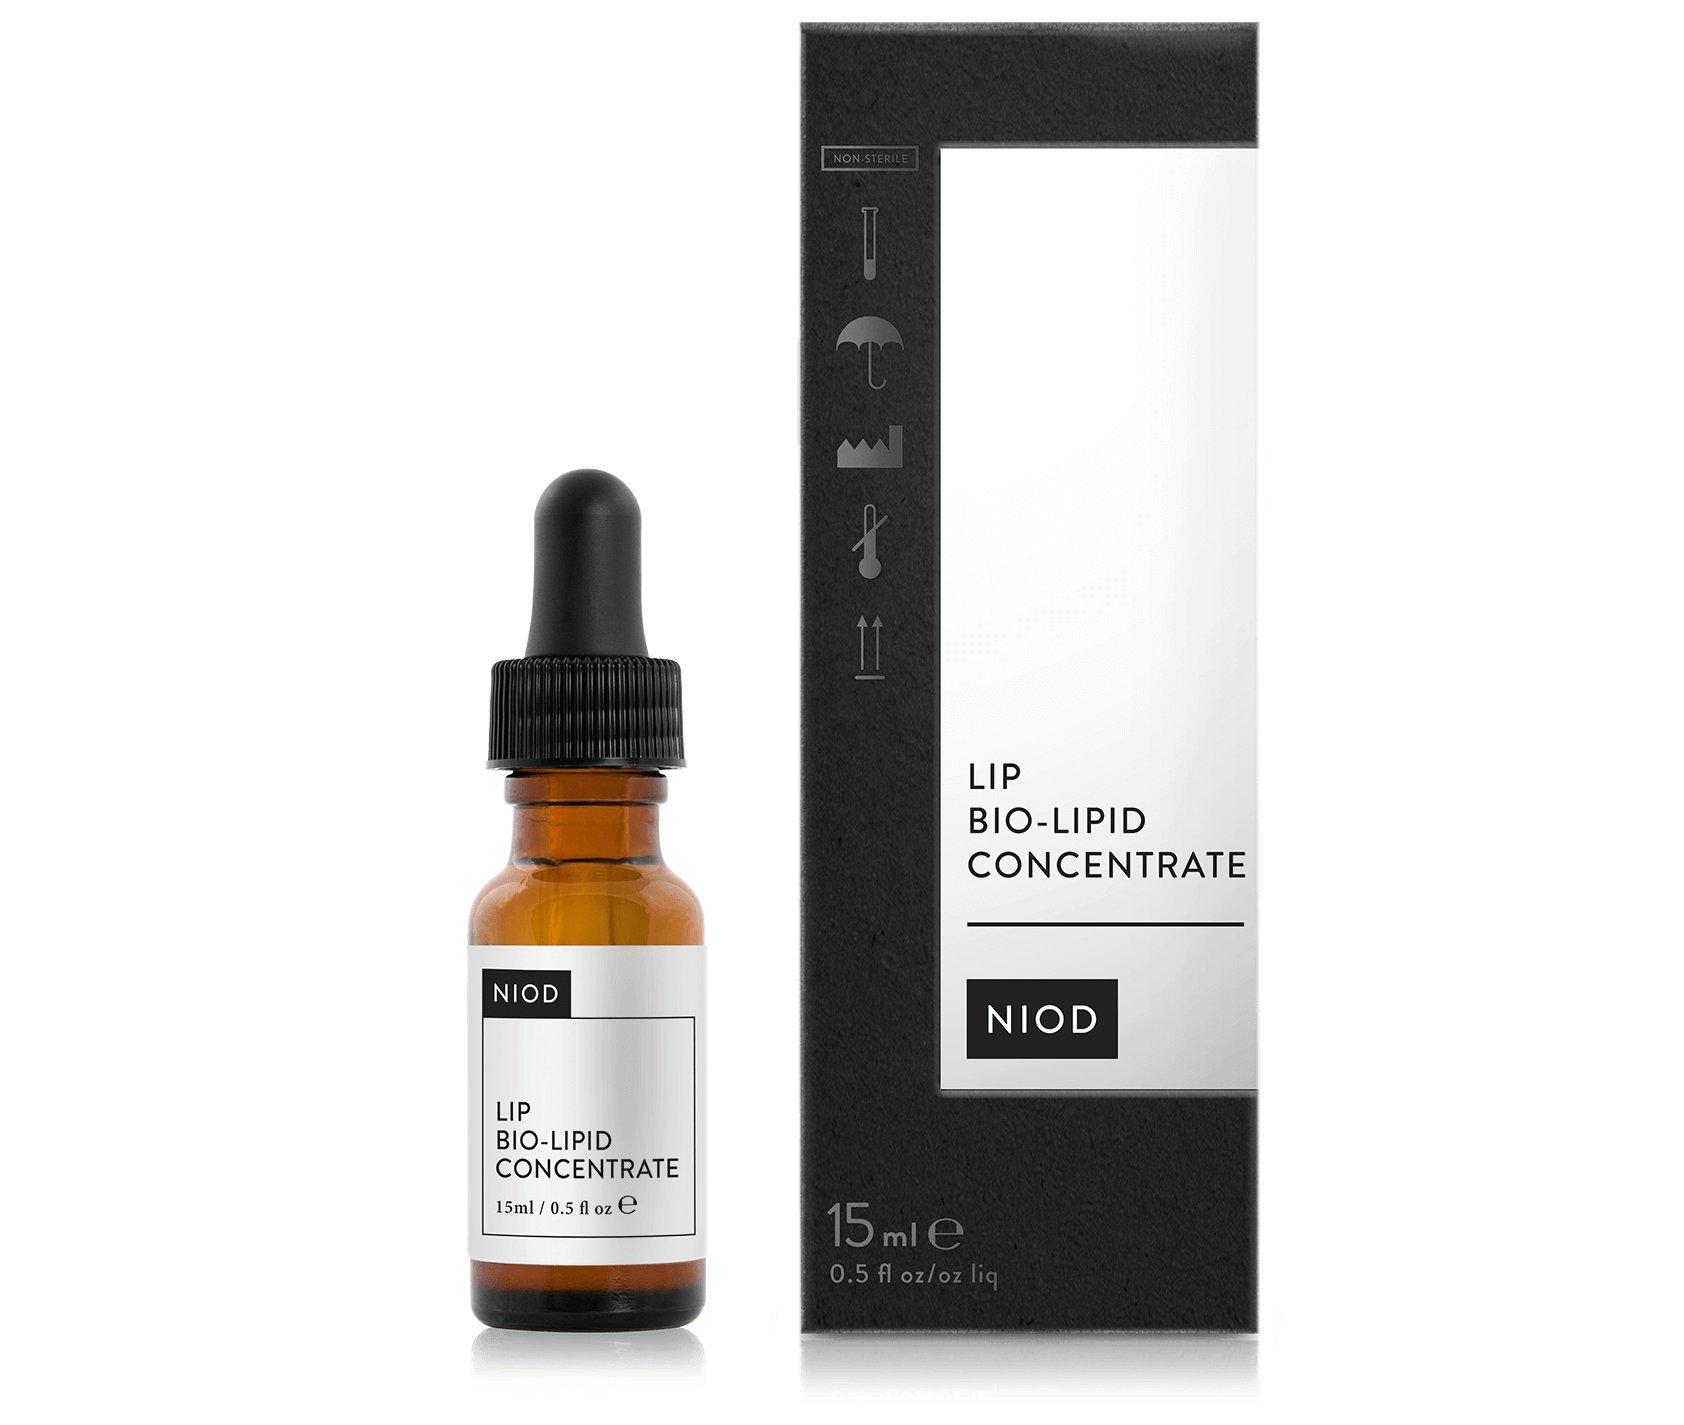 NIOD Lip Bio-Lipid Concentrate - 0.5 Oz